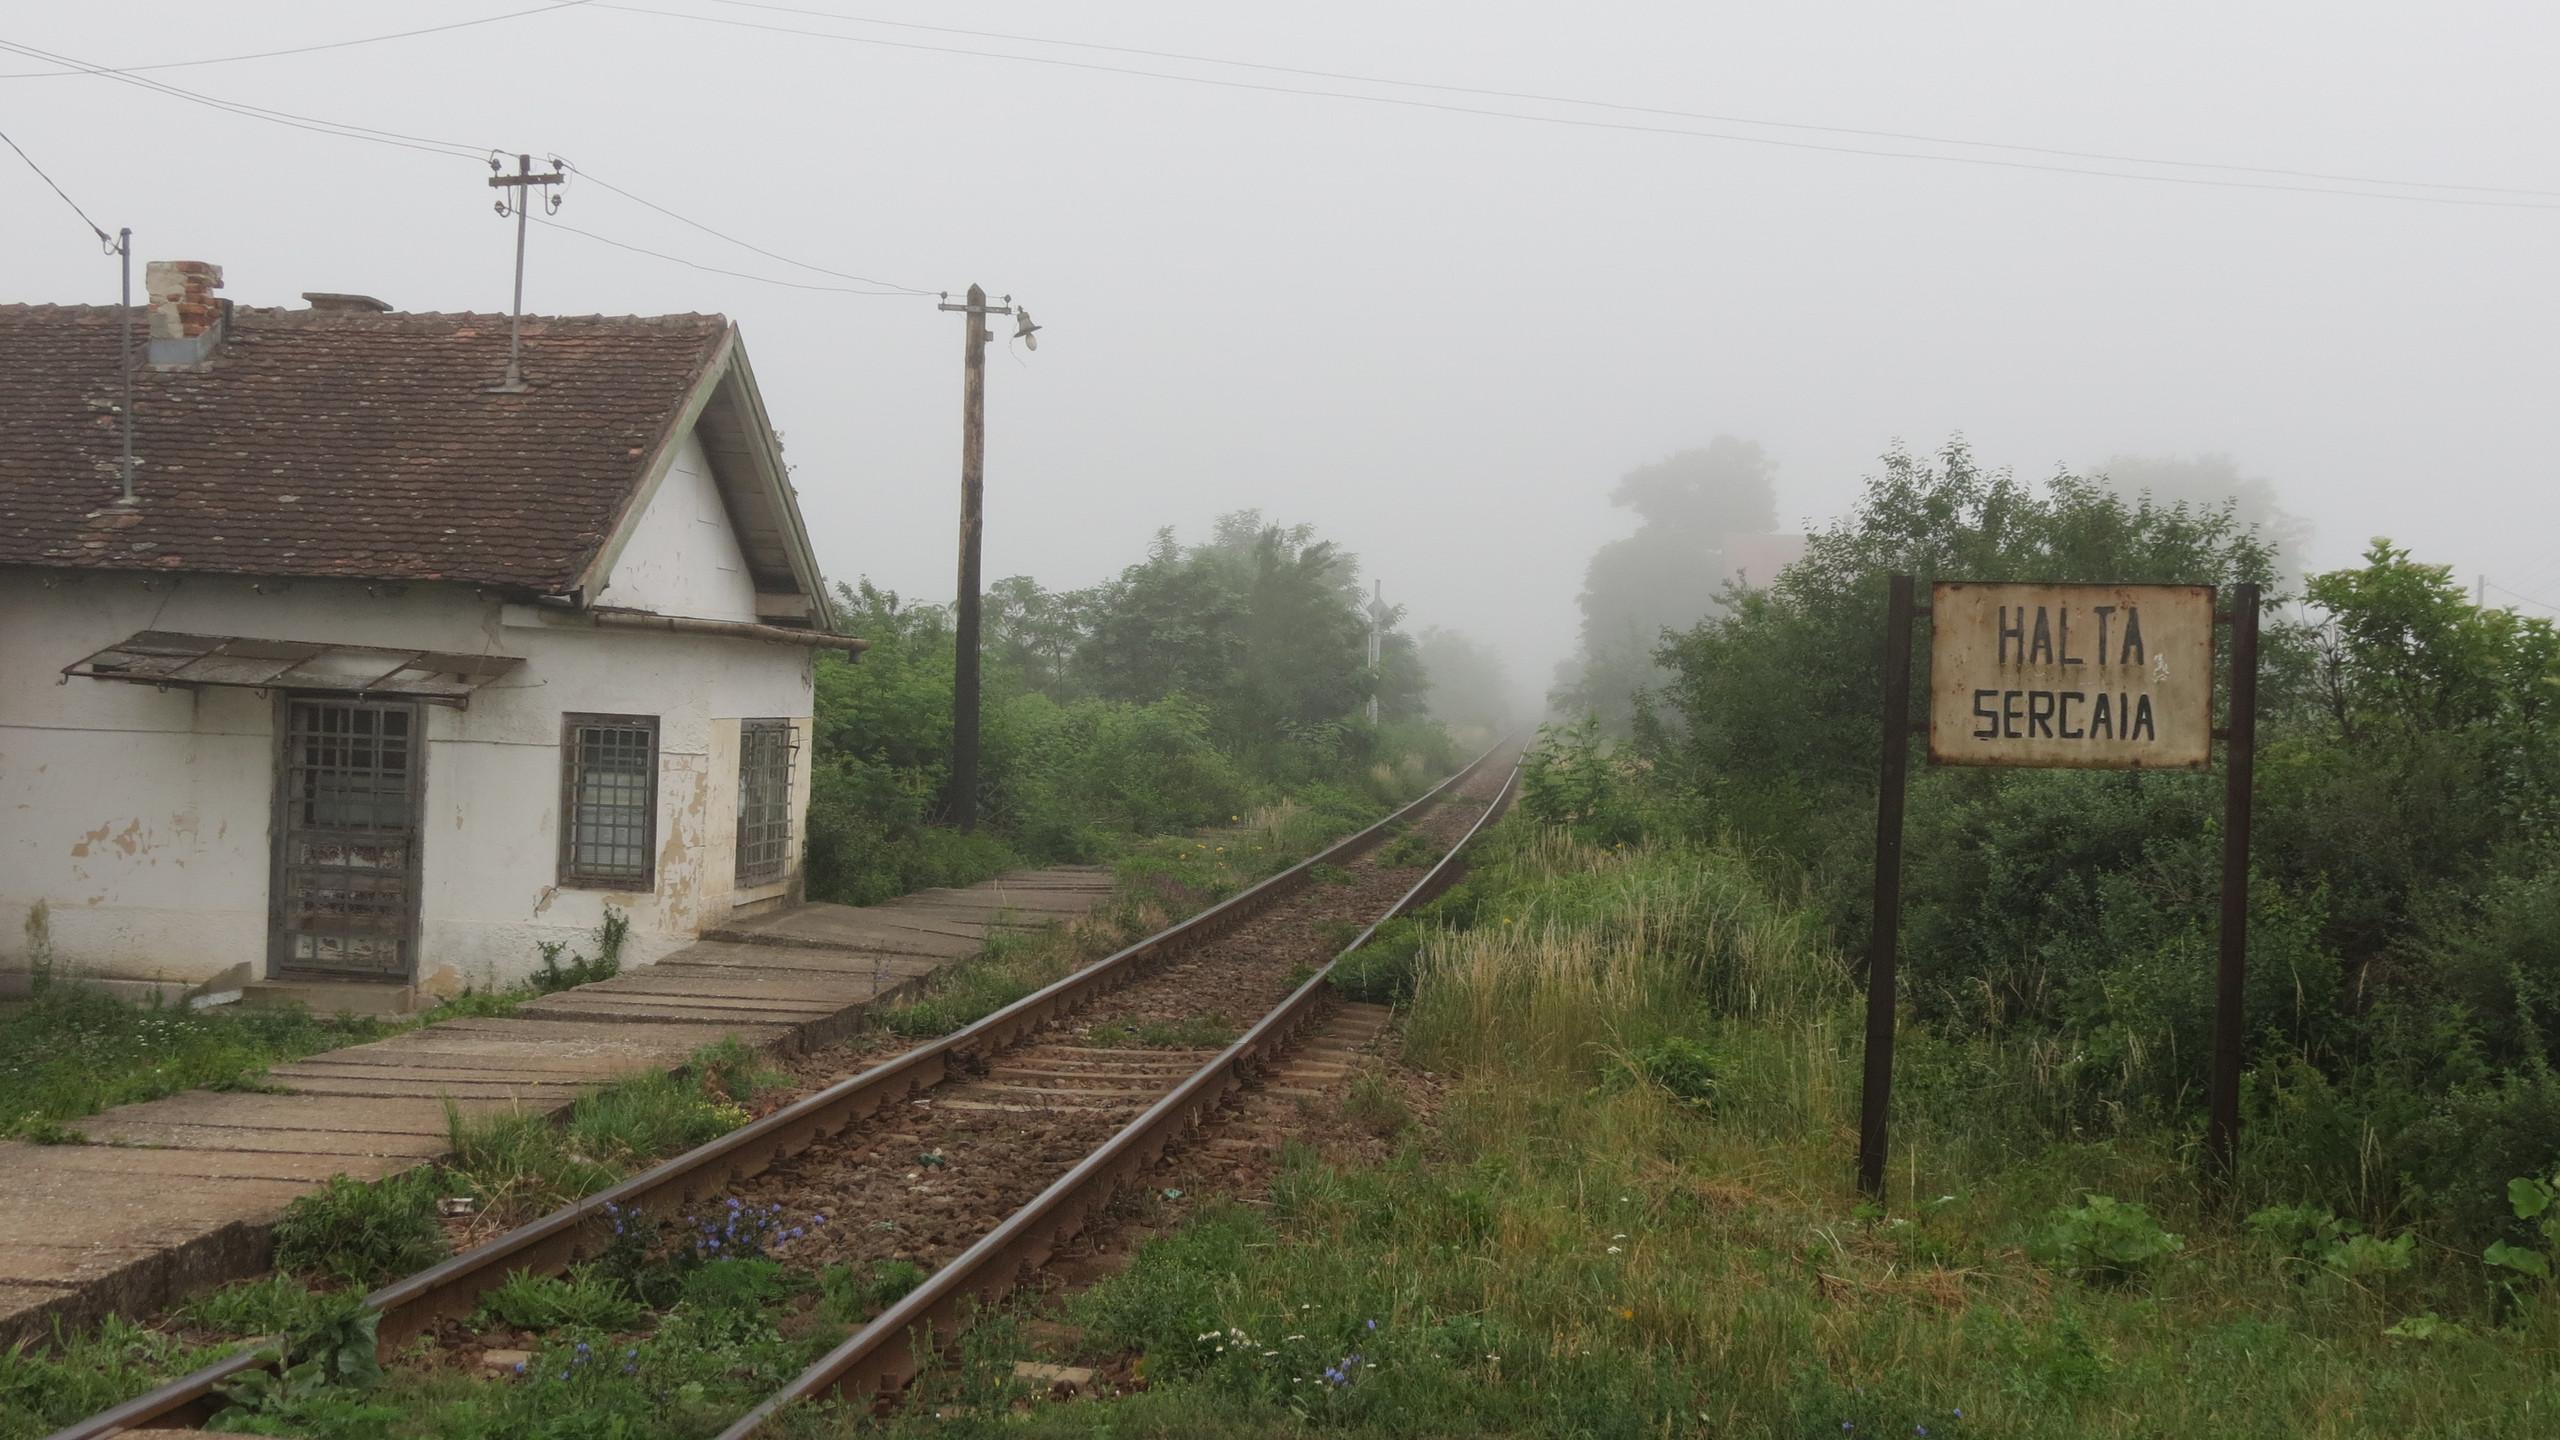 140 - Backroads near Făgăraș